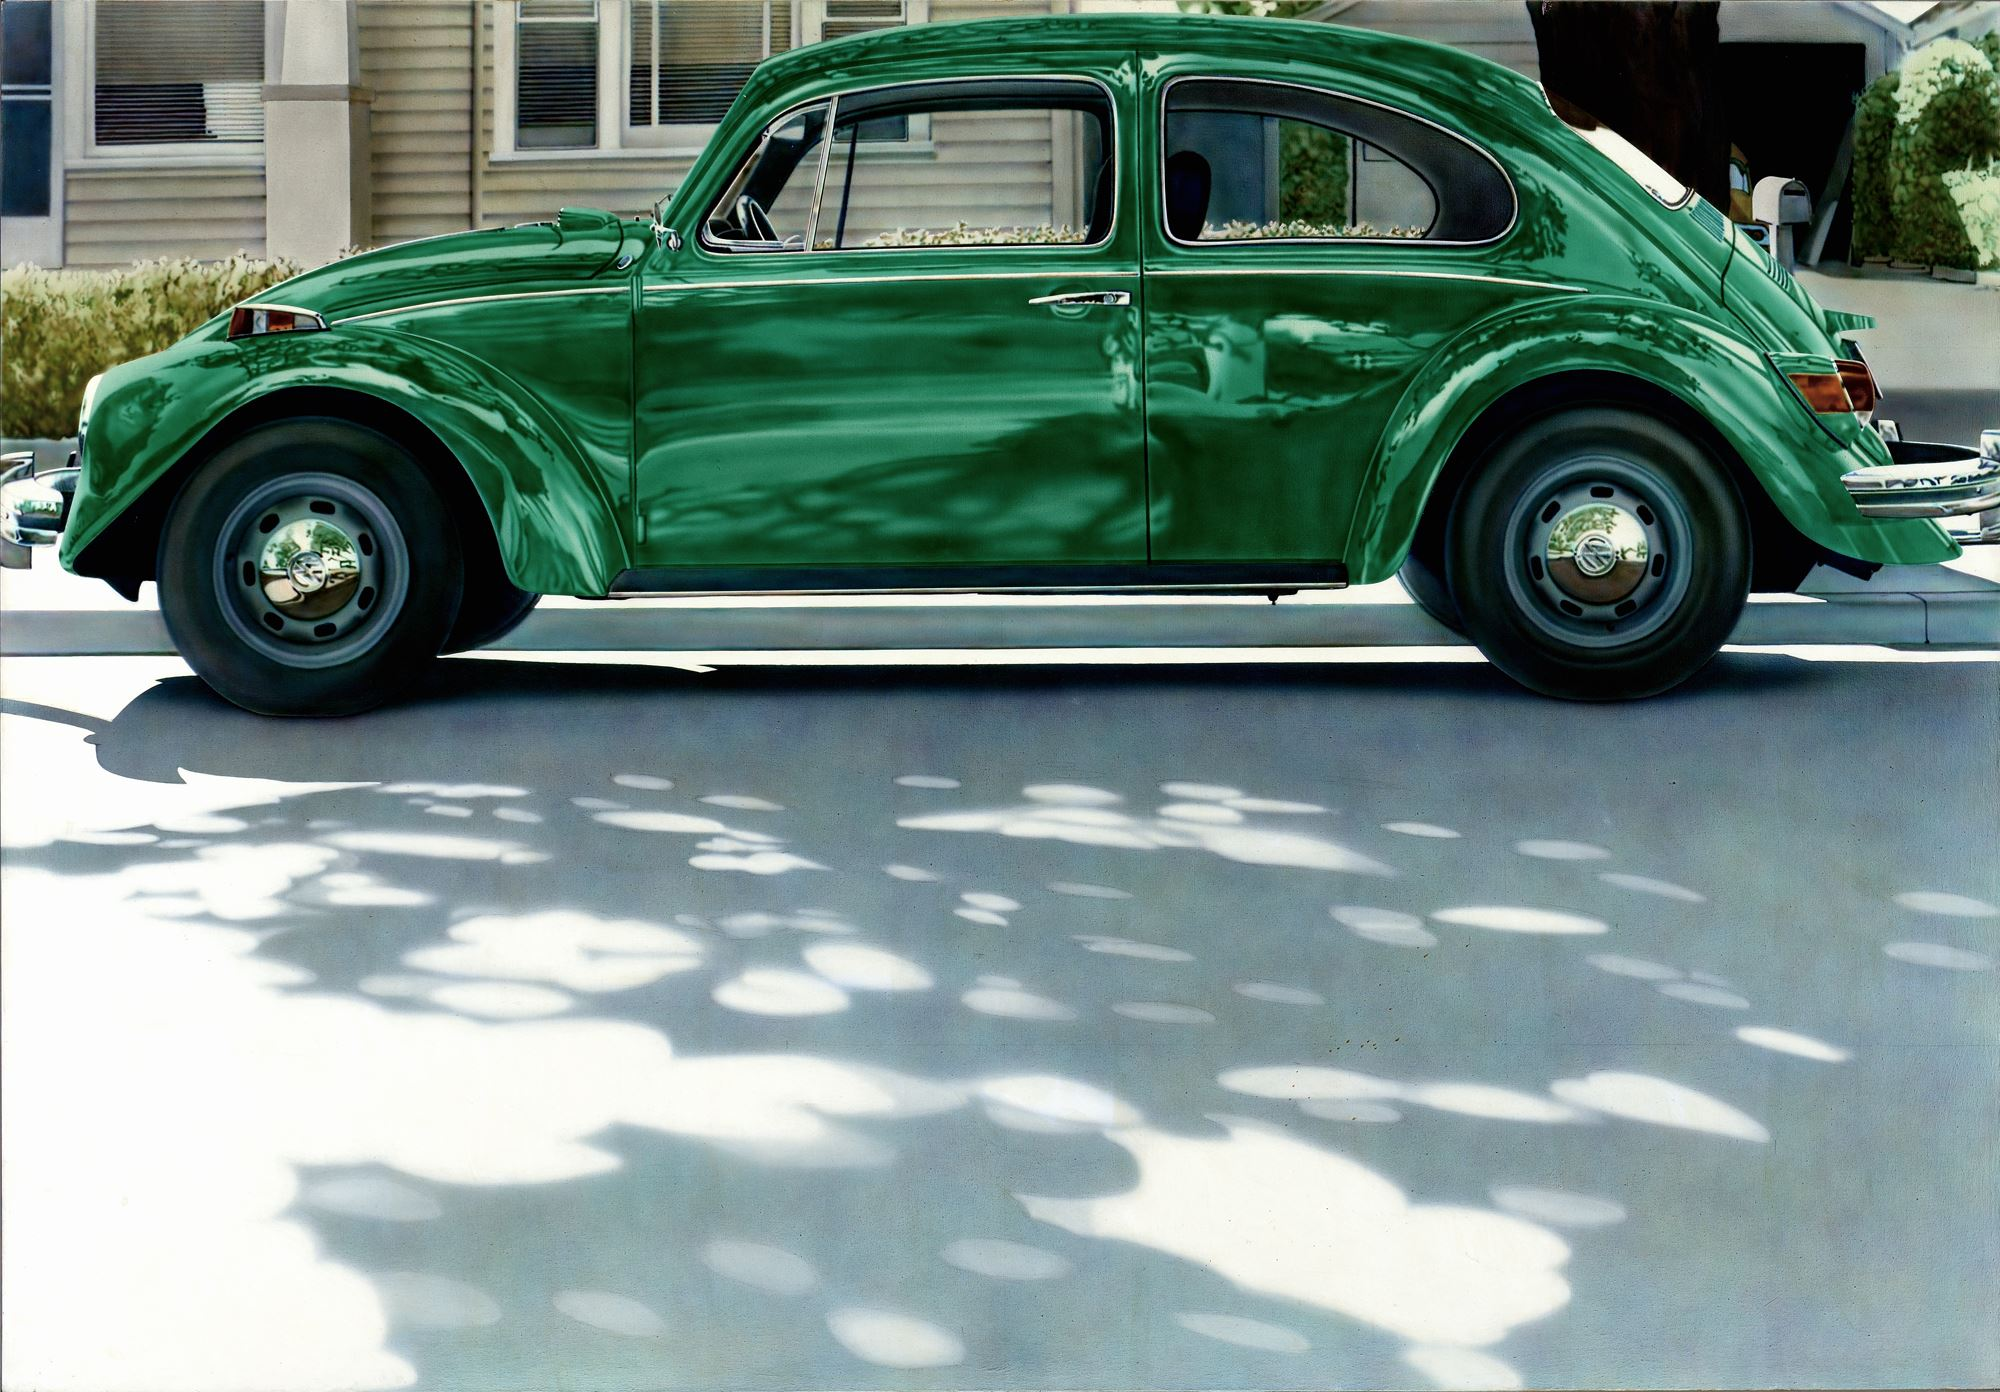 Green Volkswagen